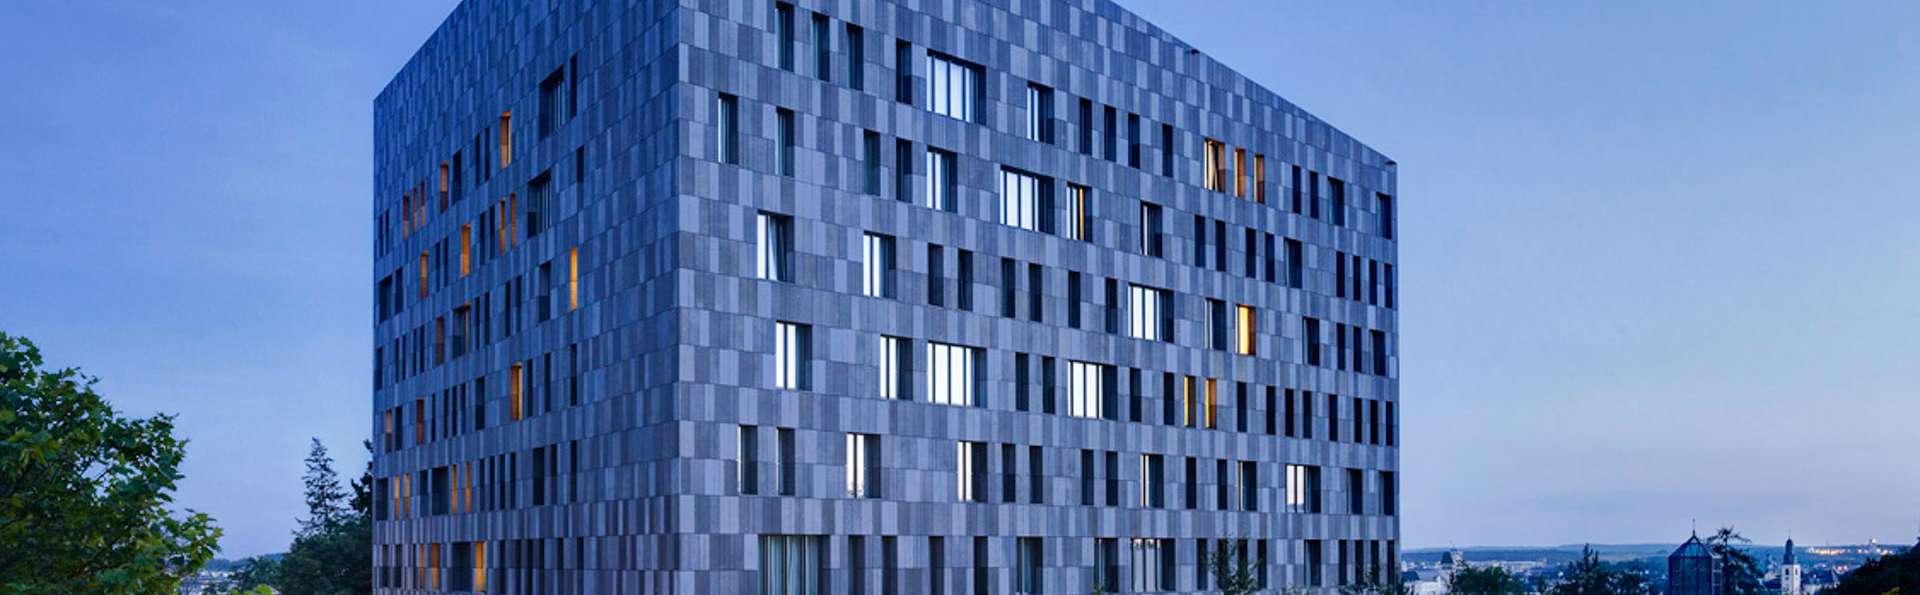 Hotel de luxe avec vue imprenable sur Luxembourg-ville (à partir de 2 nuits)